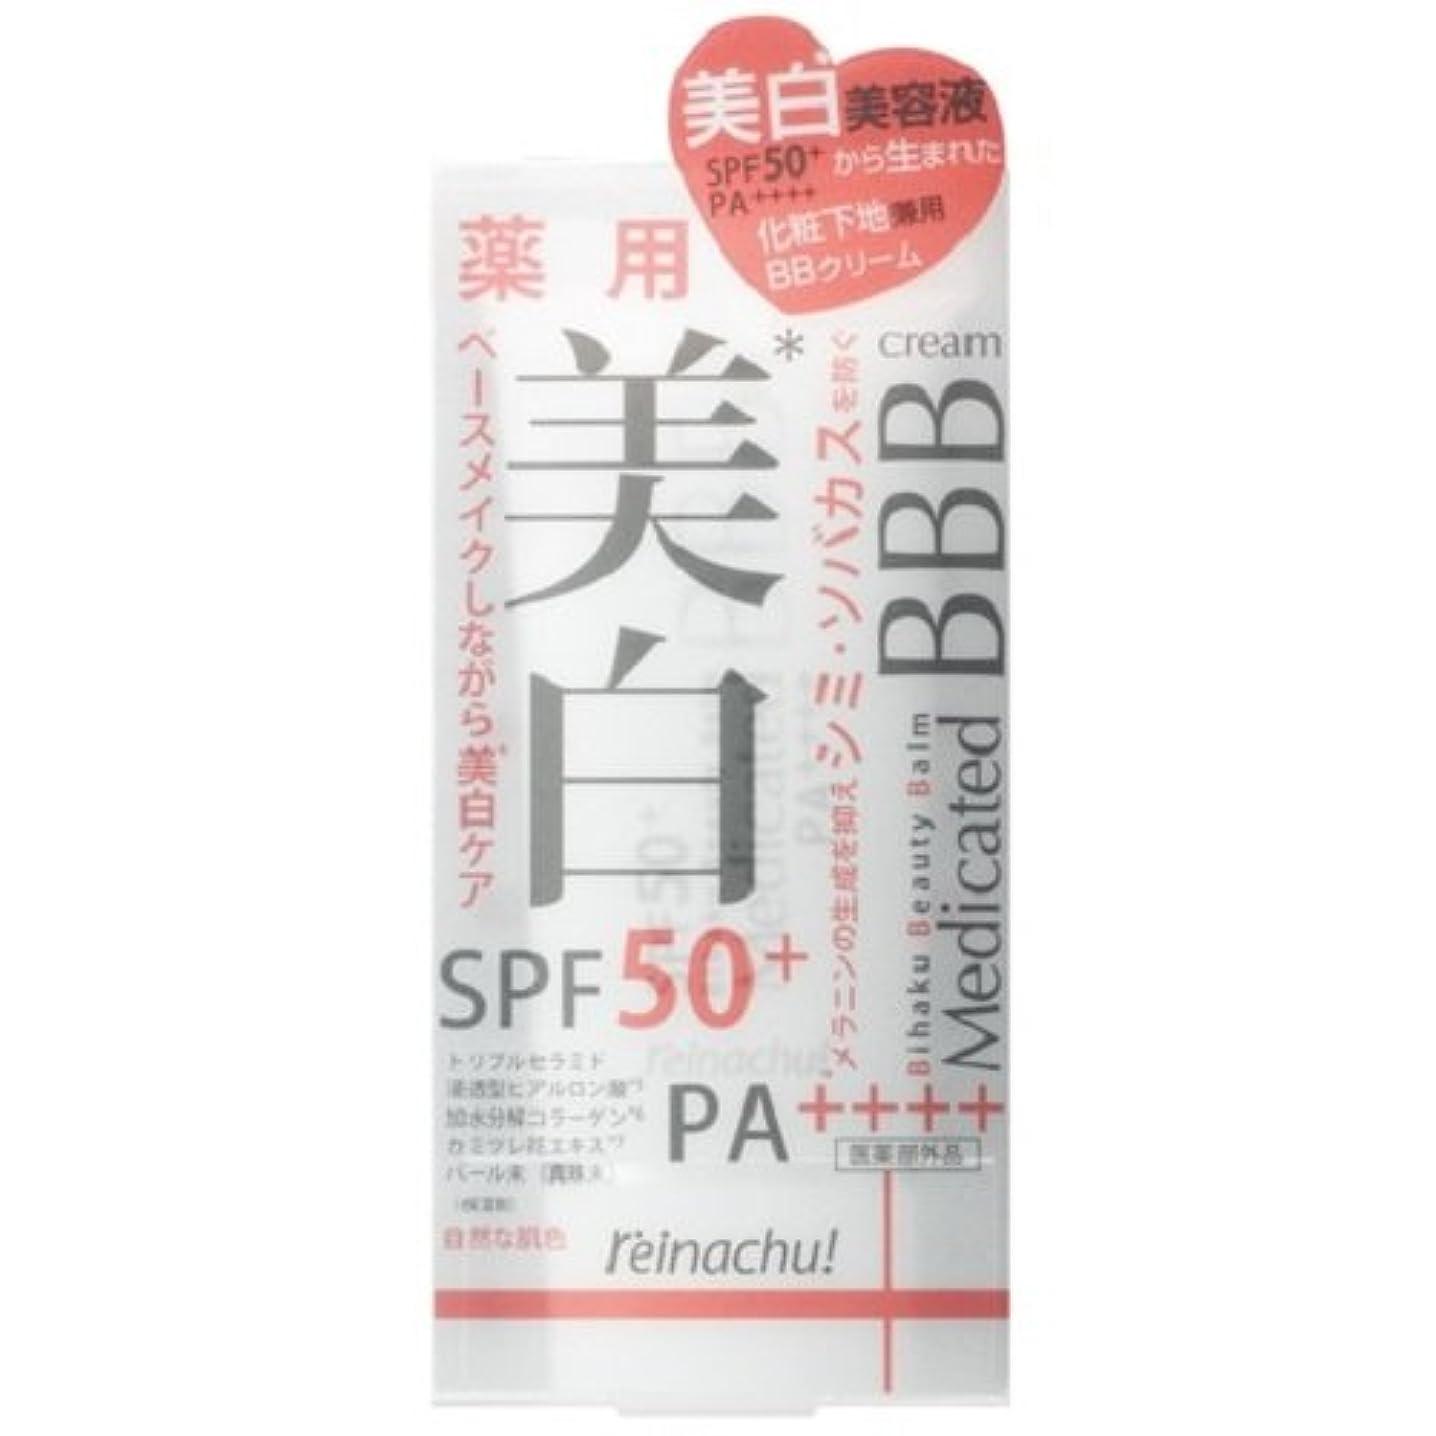 モットー恩赦電池レイナチュ 薬用BBクリーム 30g (医薬部外品)